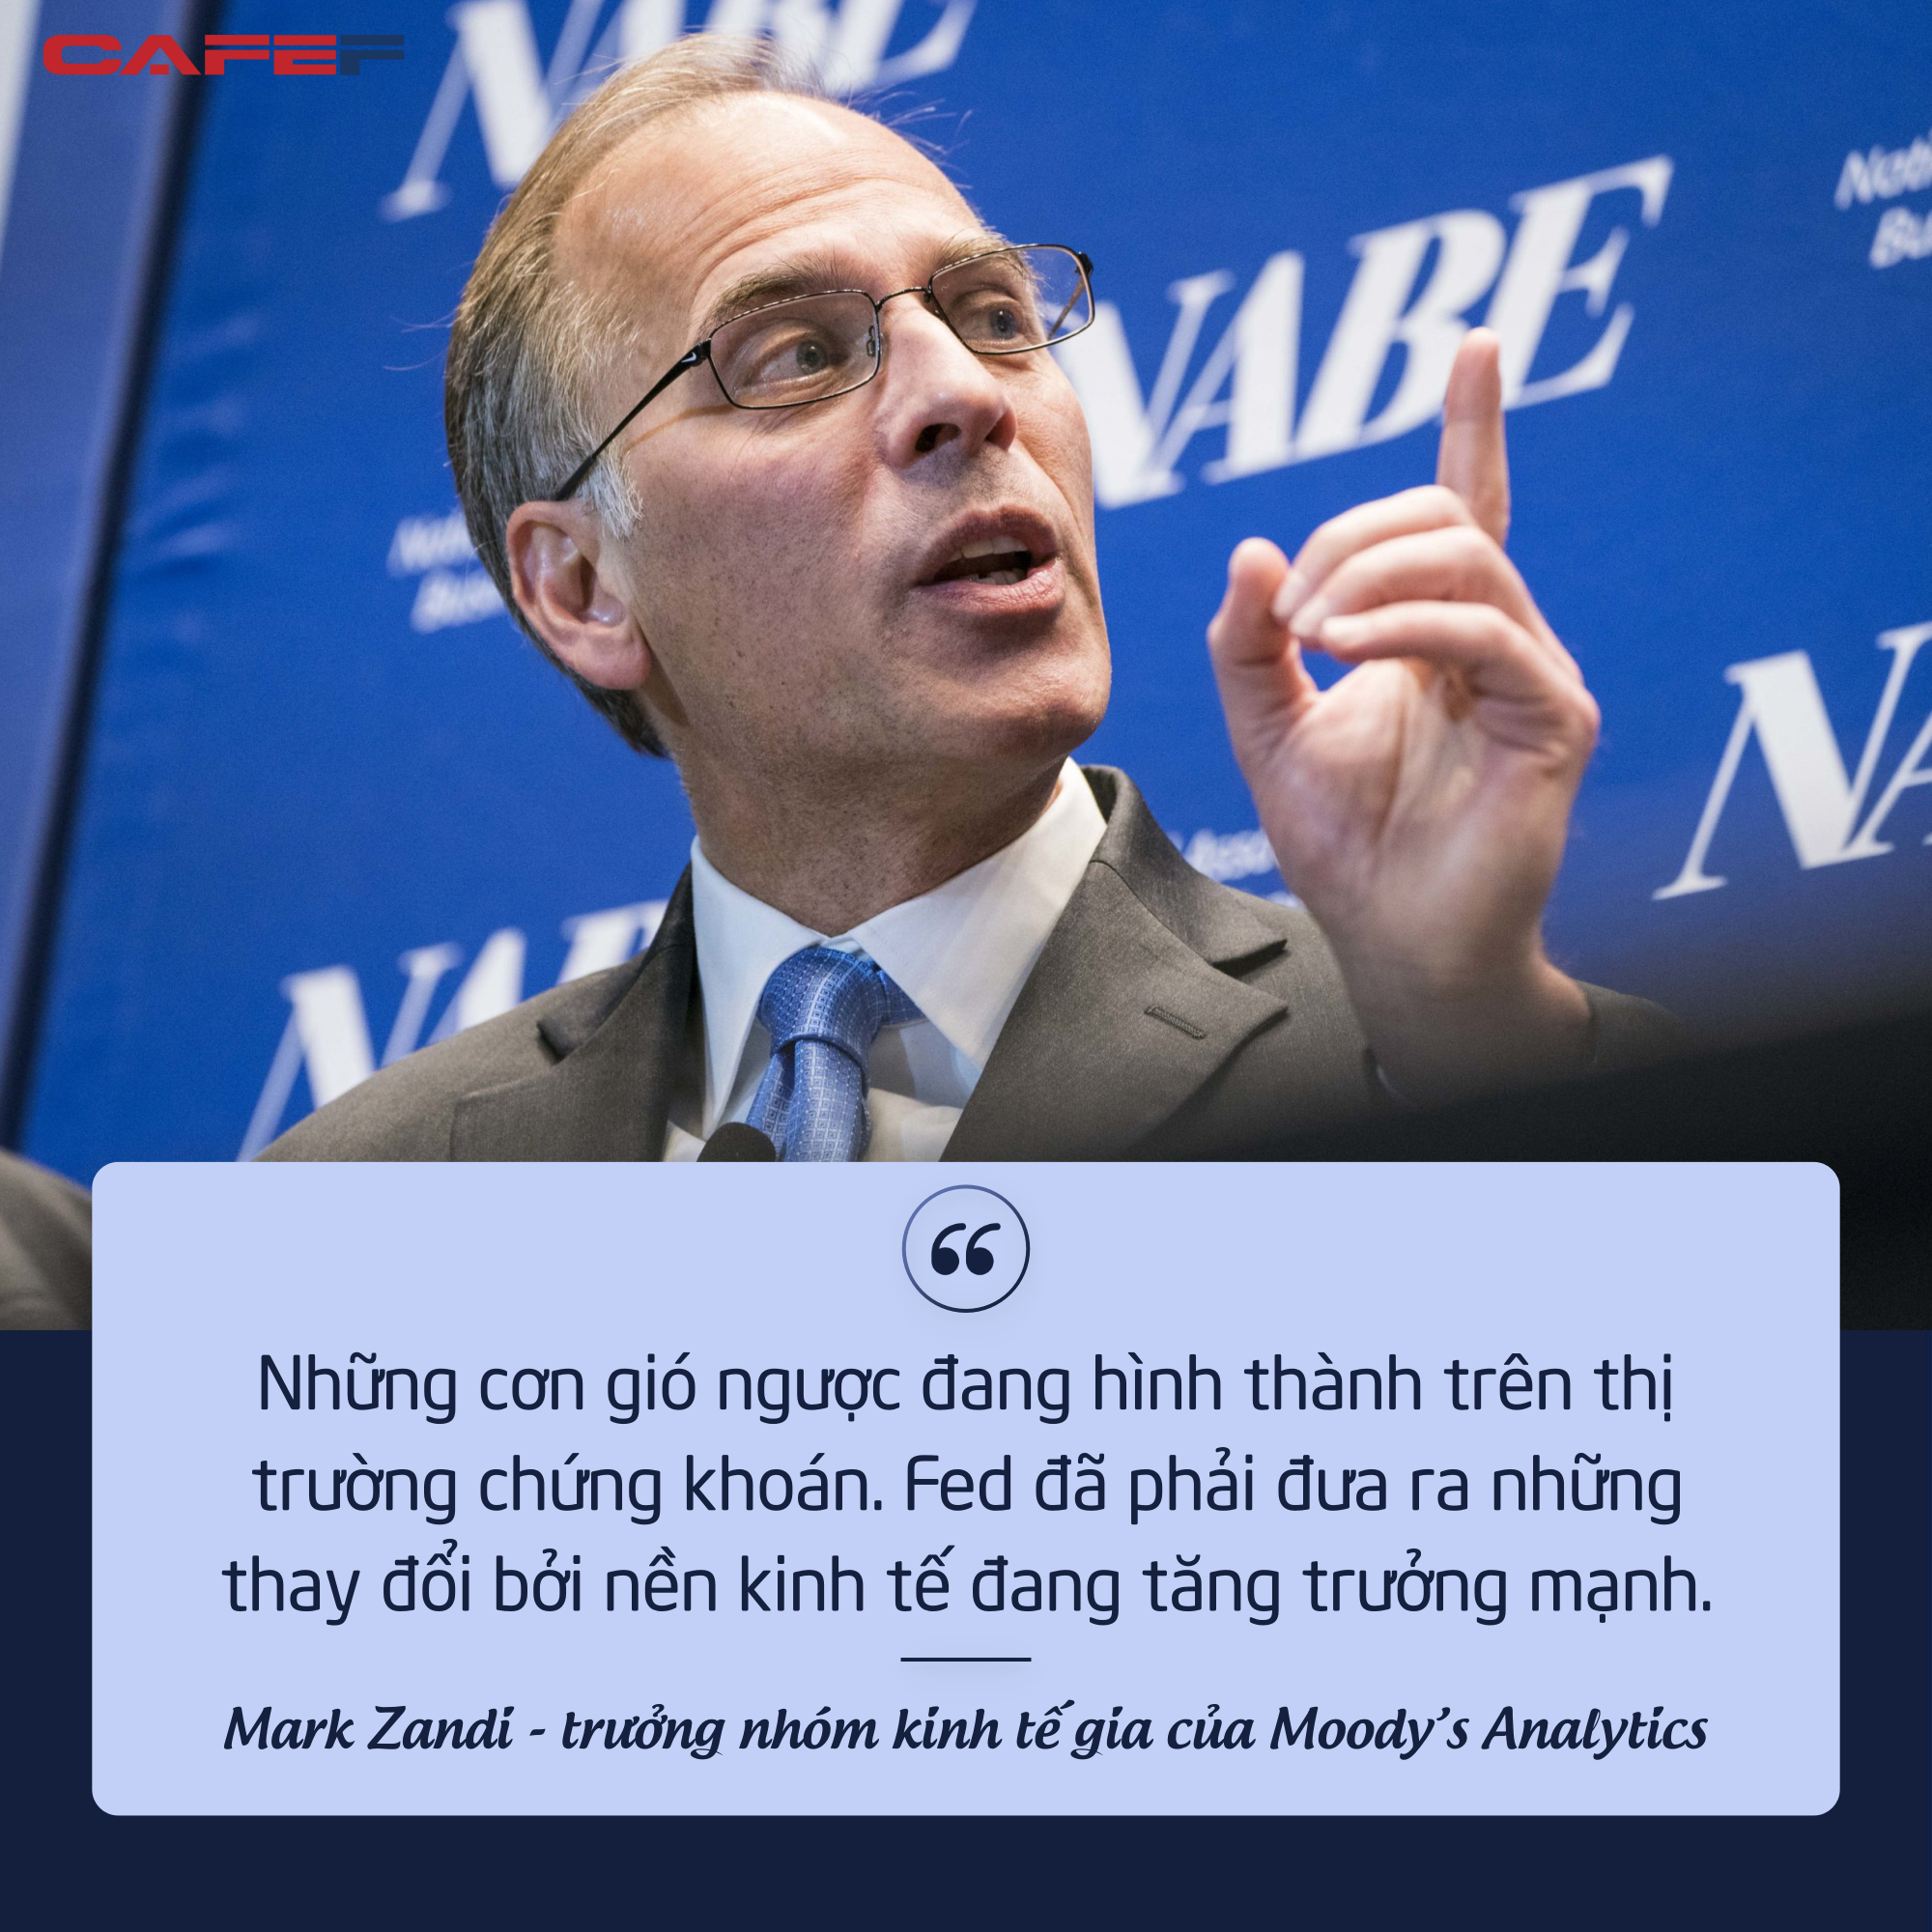 Moodys Analytics: Lạm phát có thể khiến chứng khoán Mỹ điều chỉnh từ 10-20%  - Ảnh 1.